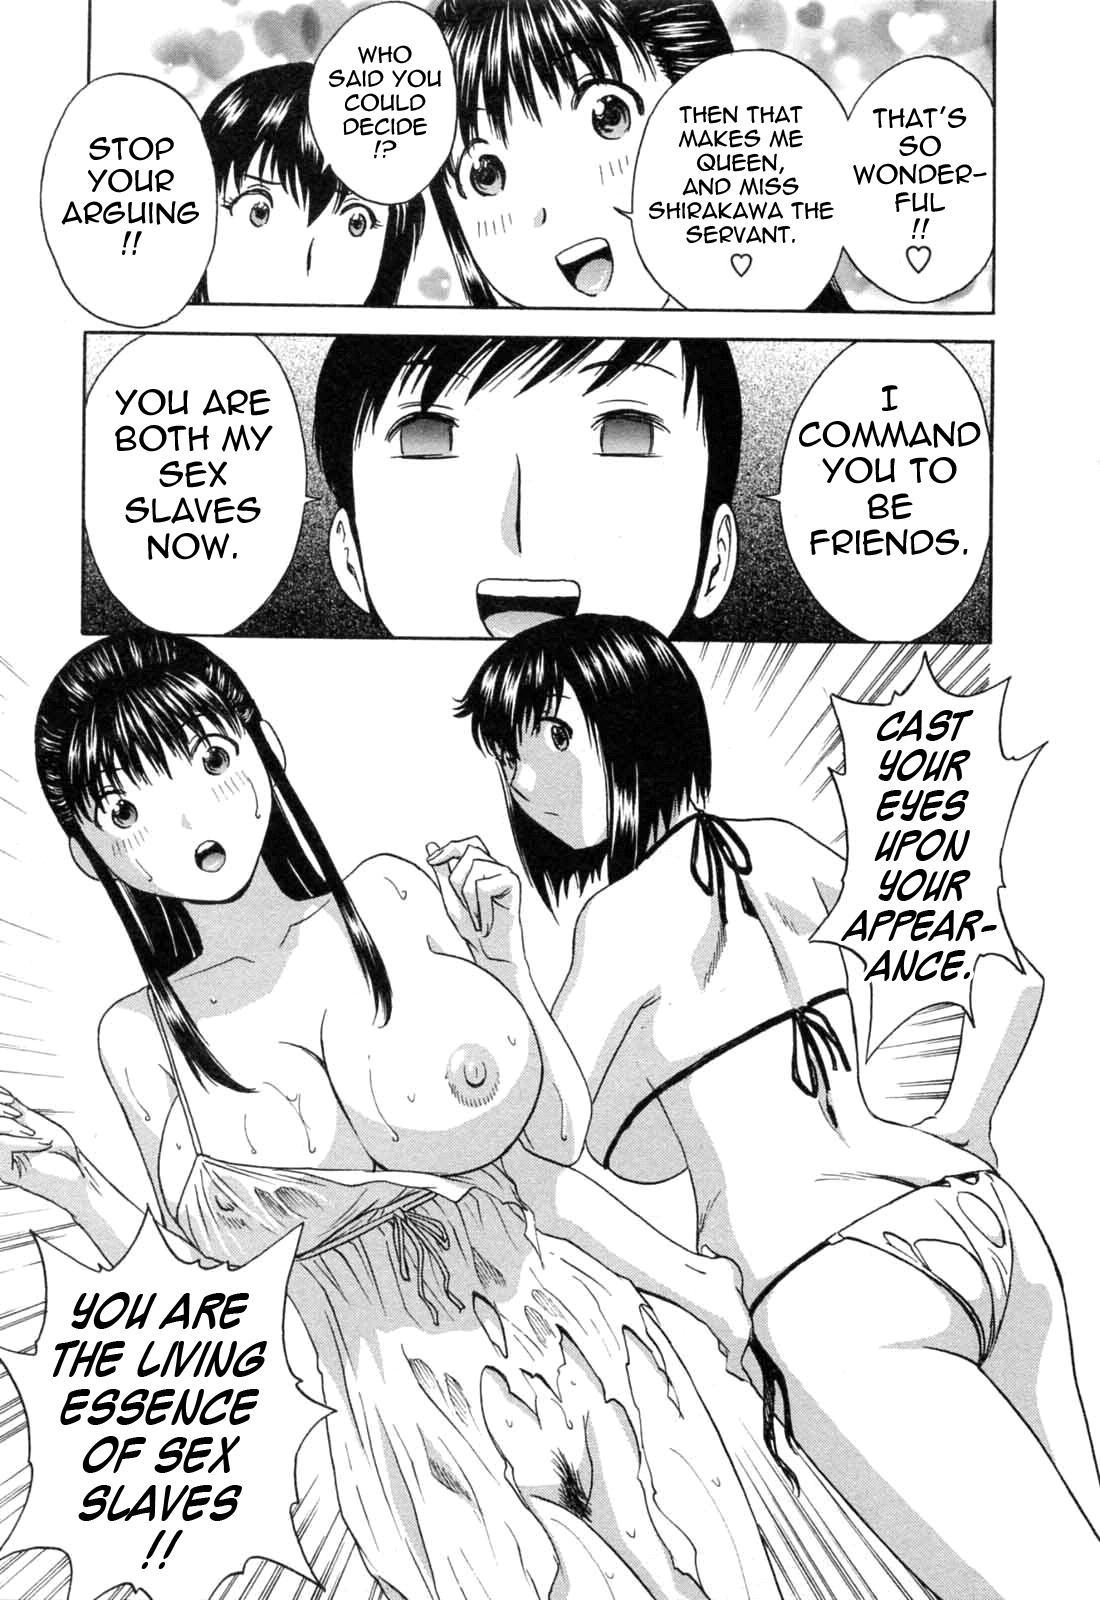 [Hidemaru] Mo-Retsu! Boin Sensei (Boing Boing Teacher) Vol.5 [English] [4dawgz] [Tadanohito] 137